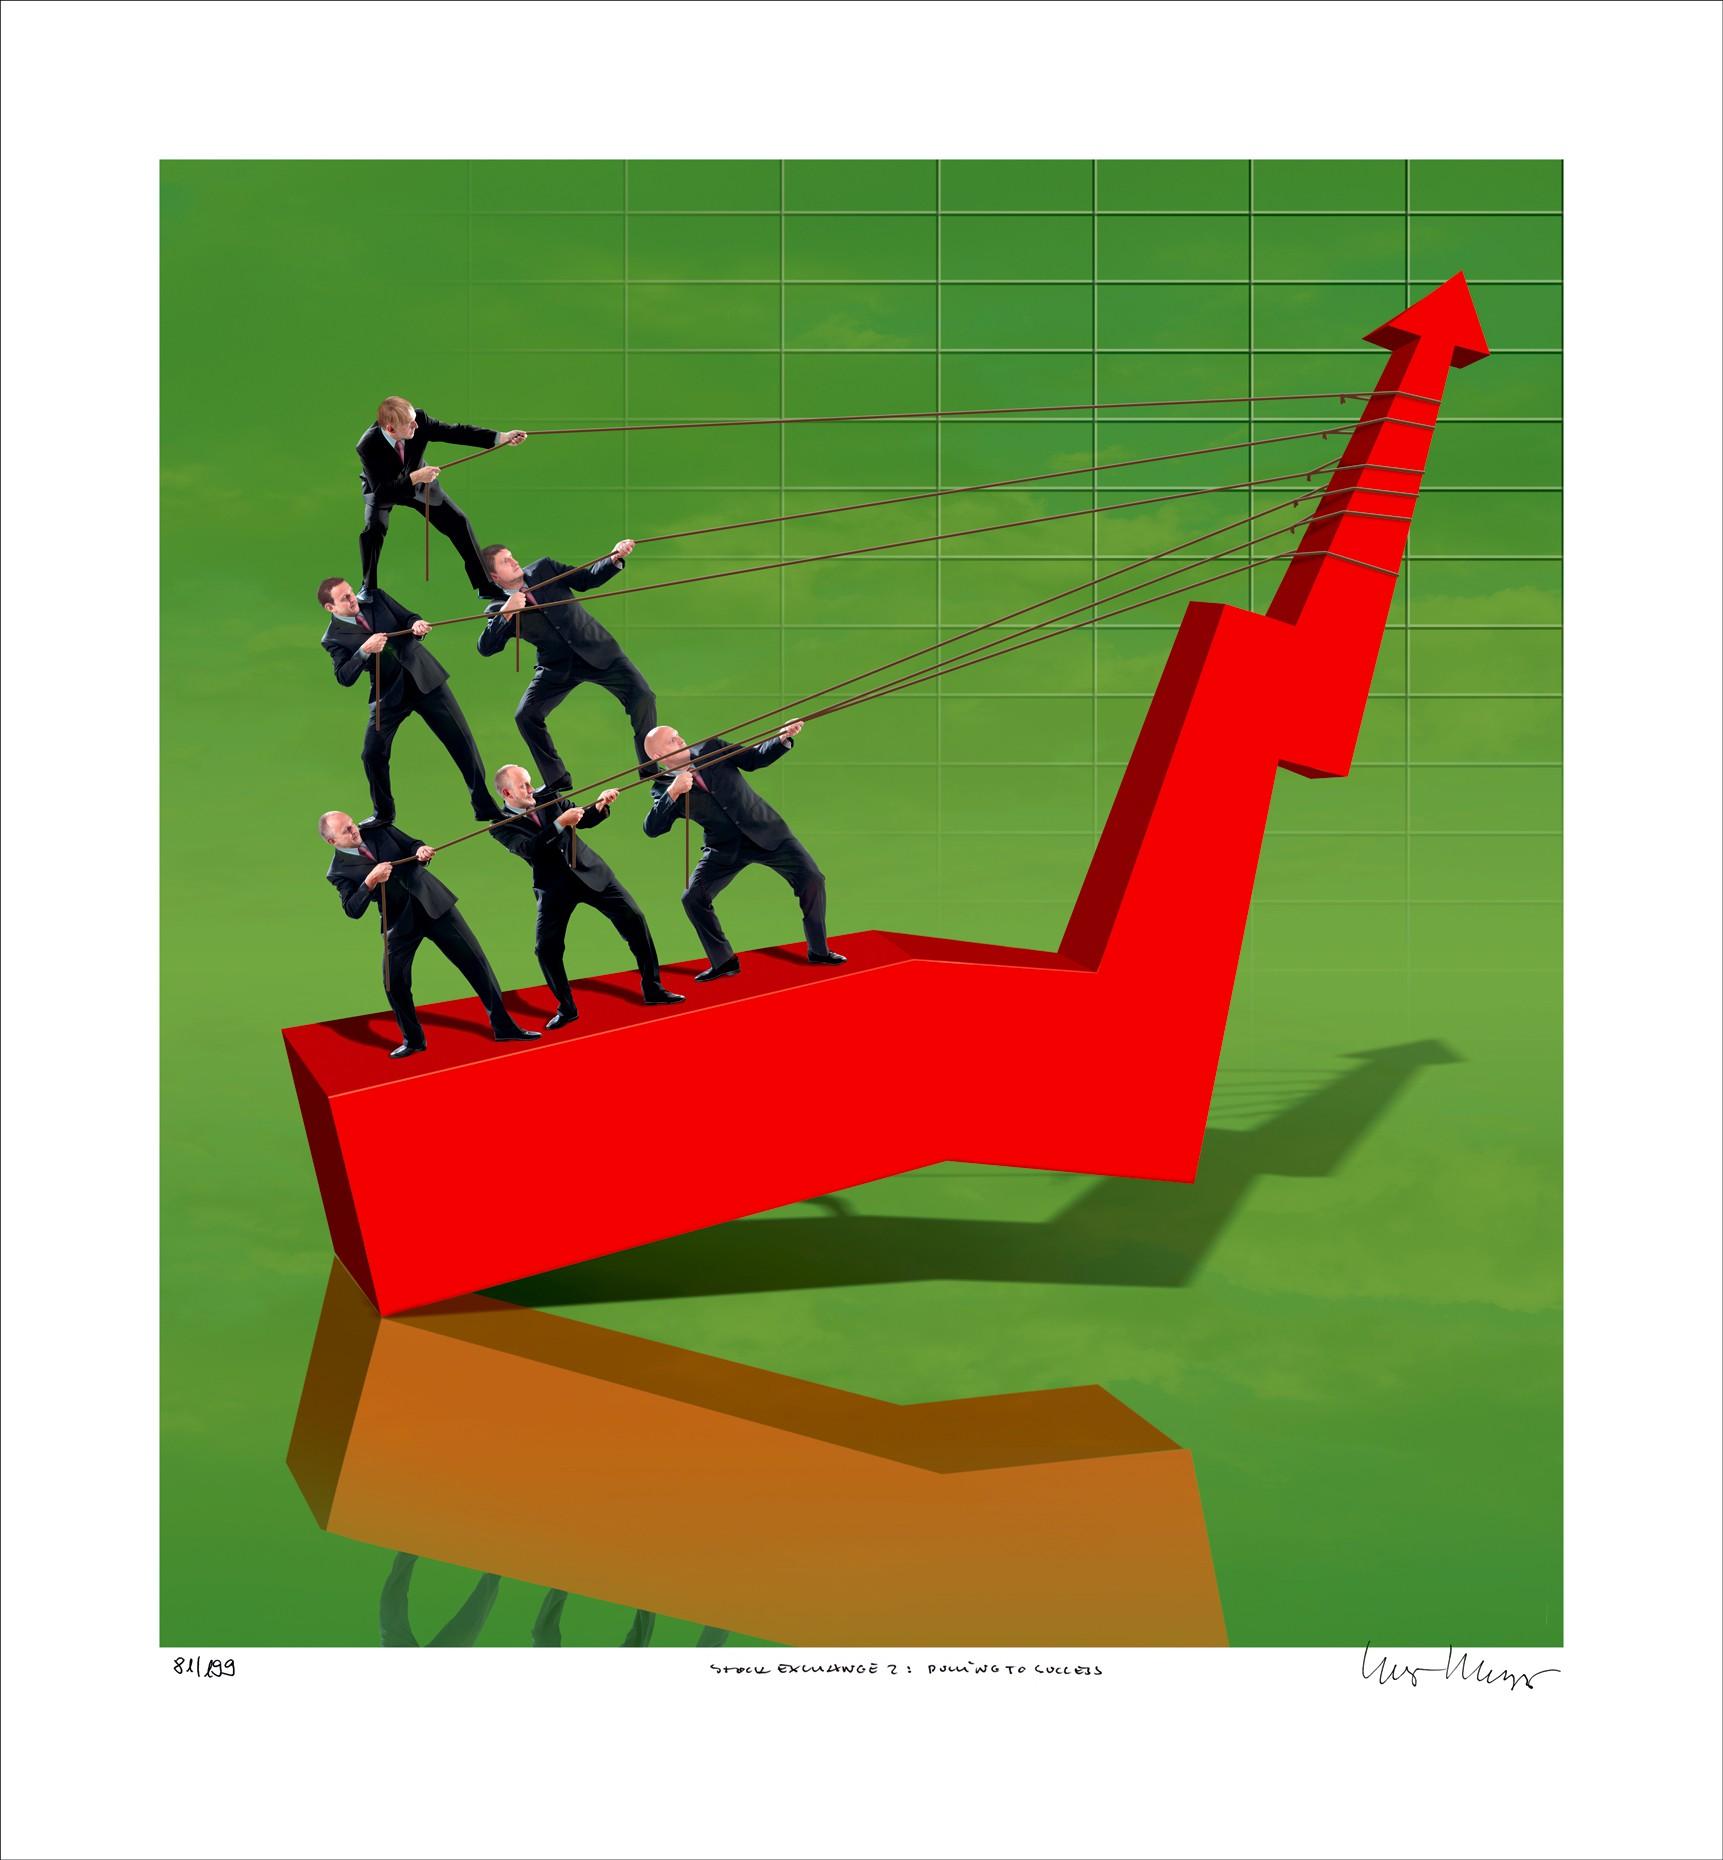 """Igor Morski: """"Stock Exchange 2: Pulling to Success"""", ungerahmtes Blatt, nummeriert, betitelt und handsigniert"""